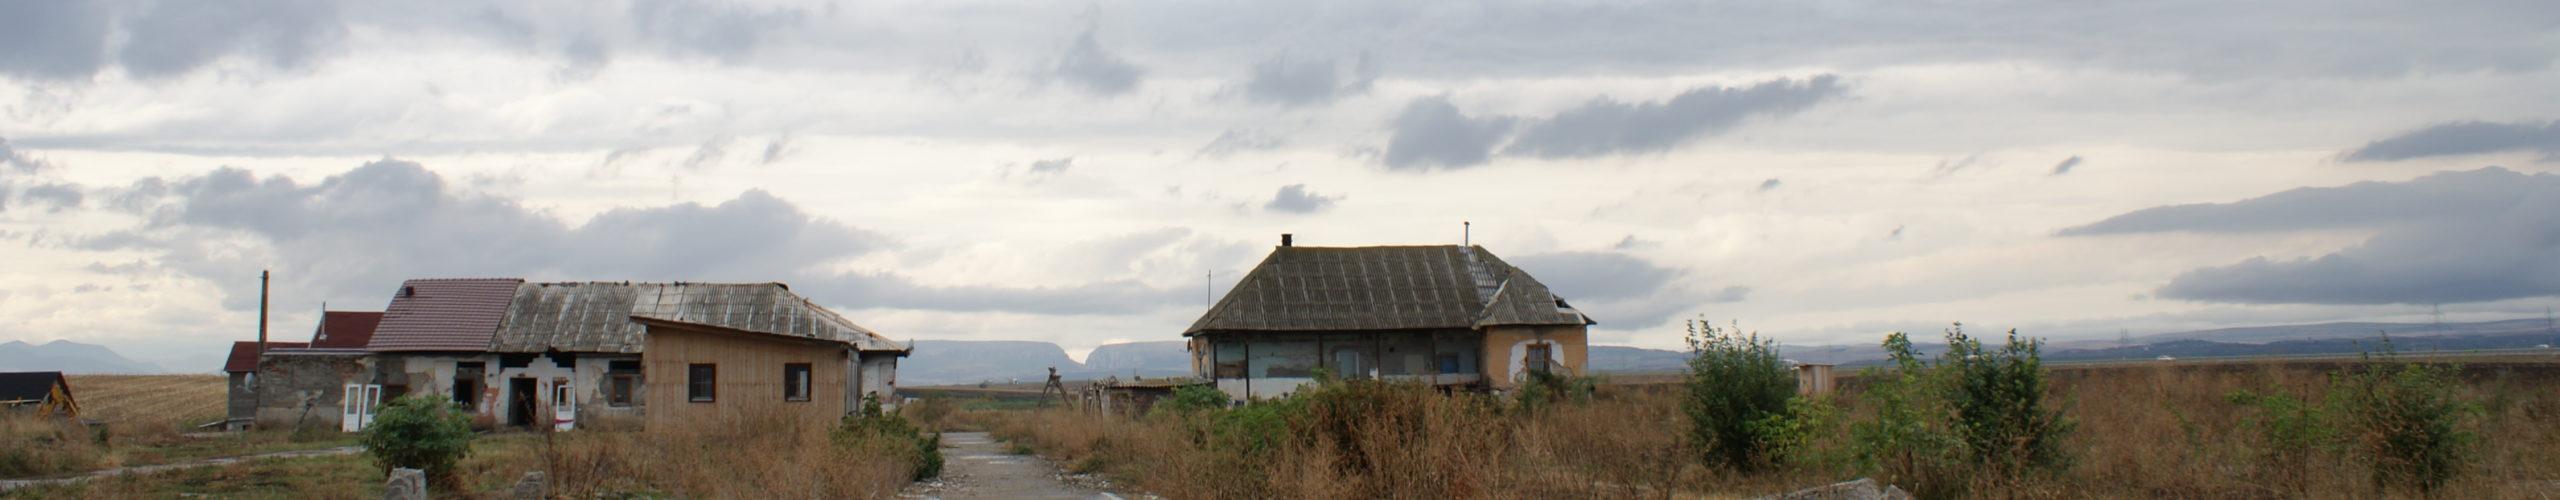 Lost Romania